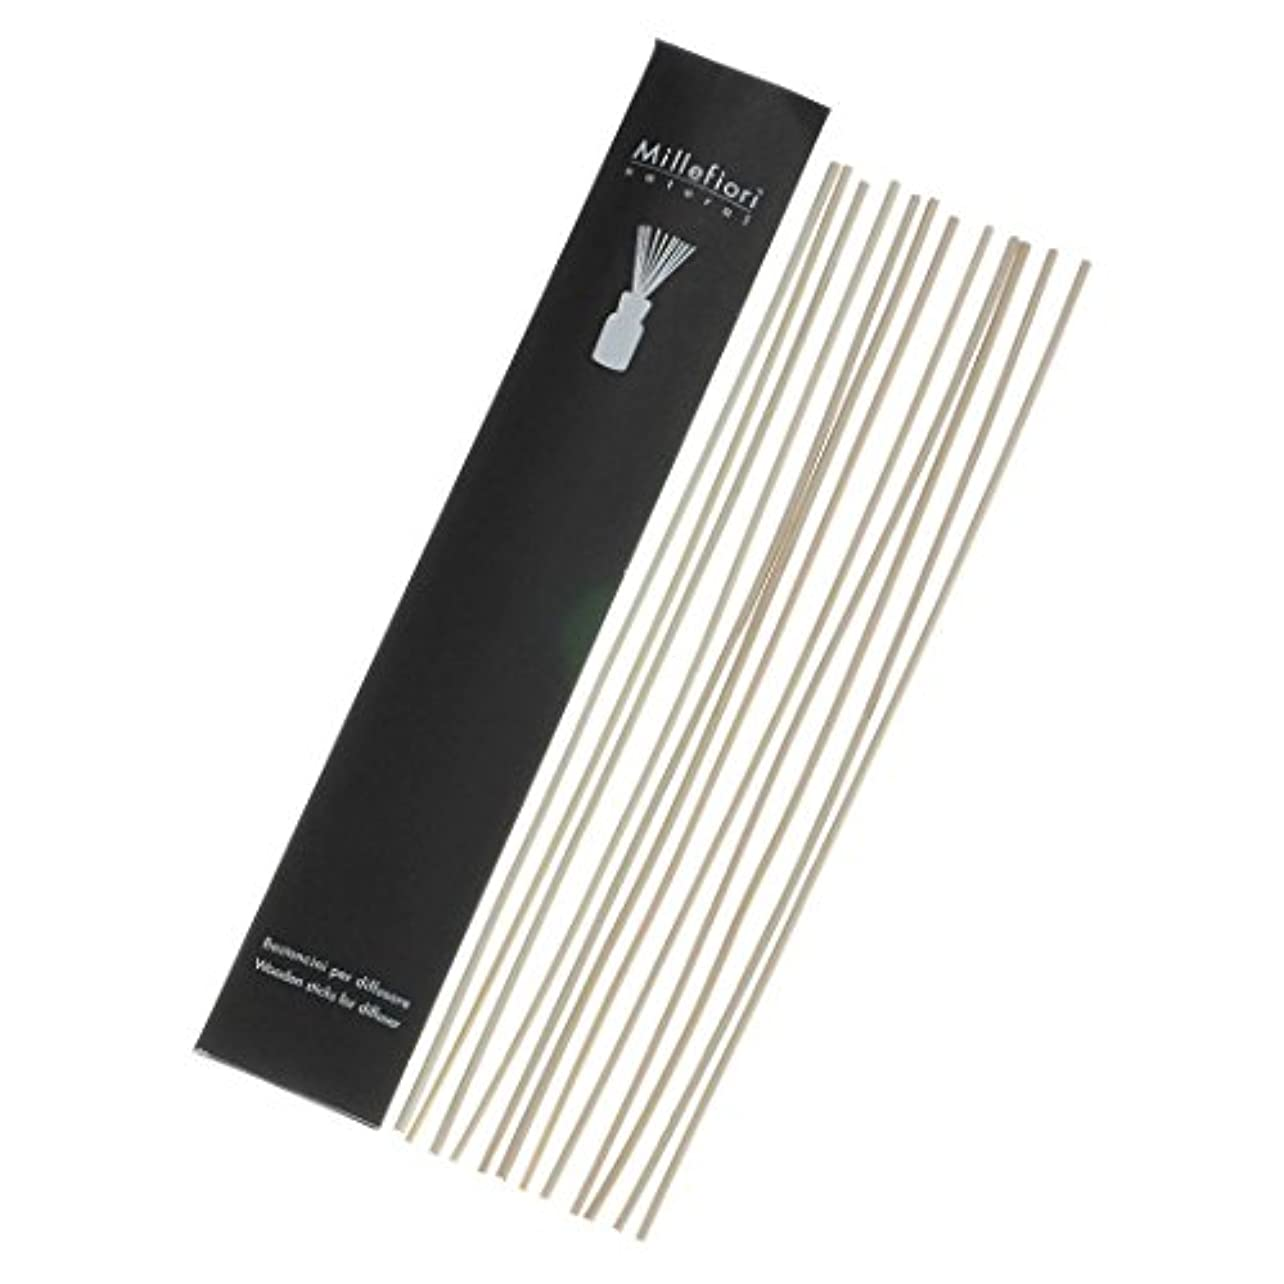 緩める嫌がる食べるMillefiori Naturalシリーズ リードディフューザー Lサイズ用 交換用スティック STK-NL-001